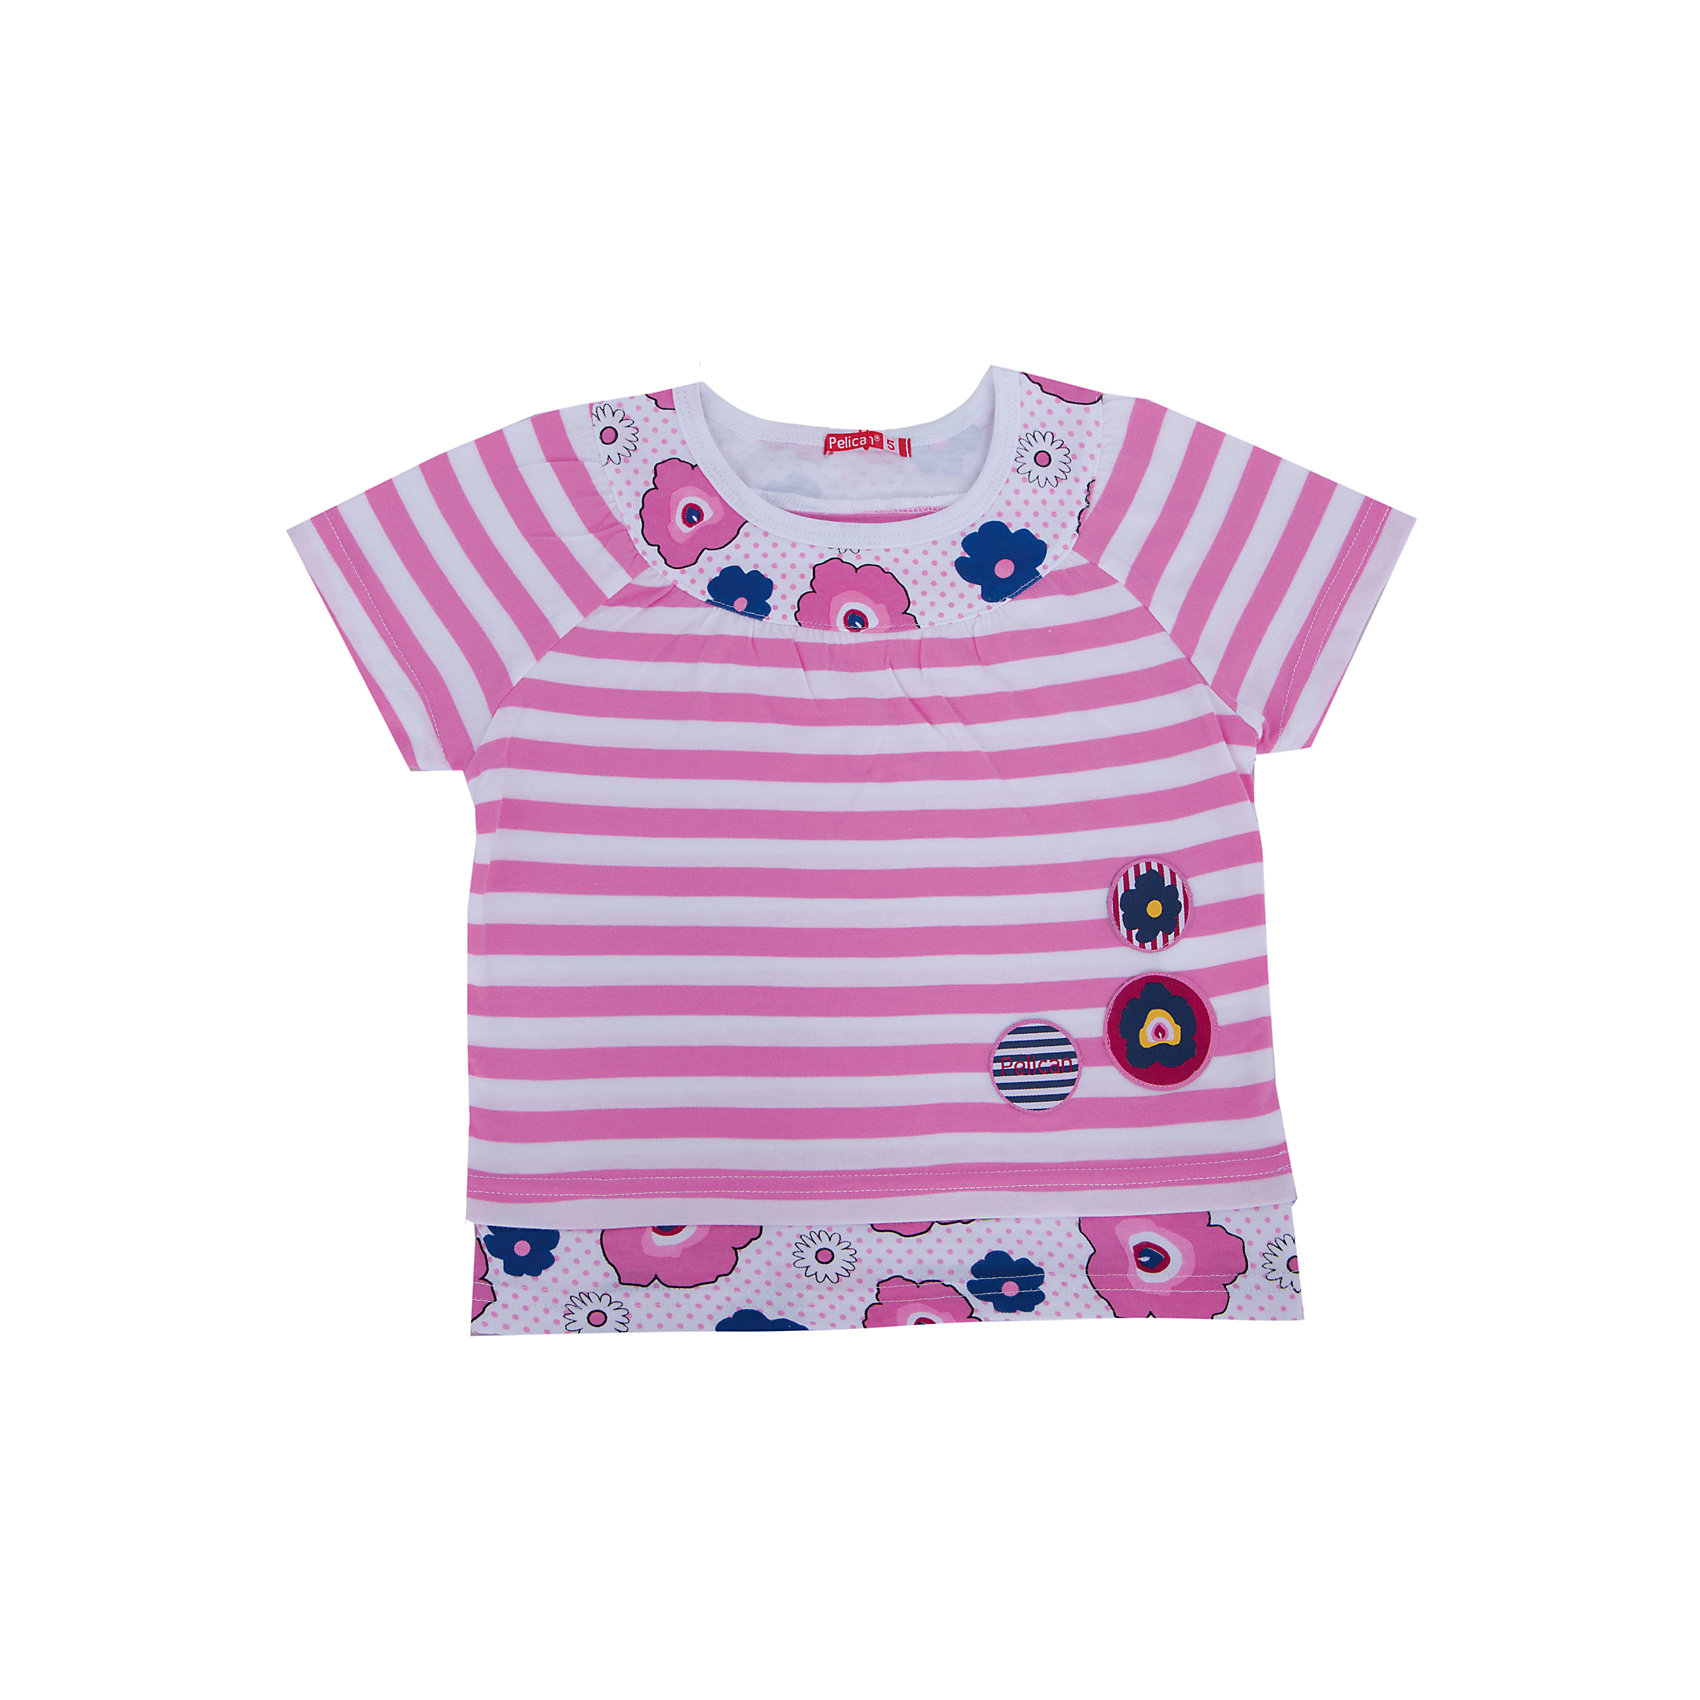 Футболка для девочки PELICANФутболки, поло и топы<br>Модная футболка для девочки поможет разнообразить гардероб ребенка, создать легкий подходящий погоде ансамбль. Удобный крой и качественный материал обеспечат ребенку комфорт при ношении этих вещей. <br>Футболка очень стильно смотрится благодаря актуальному дизайну. Изделие украшено модным принтом, контрастной вставкой на горловине. Рукава - короткие. Материал - легкий, отлично подходит для лета, состоит из дышащего натурального хлопка. Очень приятен на ощупь, не вызывает аллергии.<br><br>Дополнительная информация:<br><br>материал: 100% хлопок;<br>цвет: розовый;<br>принт;<br>рукава короткие.<br><br>Футболку для девочки от бренда PELICAN (Пеликан) можно купить в нашем магазине.<br><br>Ширина мм: 199<br>Глубина мм: 10<br>Высота мм: 161<br>Вес г: 151<br>Цвет: розовый<br>Возраст от месяцев: 48<br>Возраст до месяцев: 60<br>Пол: Женский<br>Возраст: Детский<br>Размер: 110,92,104,98,86<br>SKU: 4805143